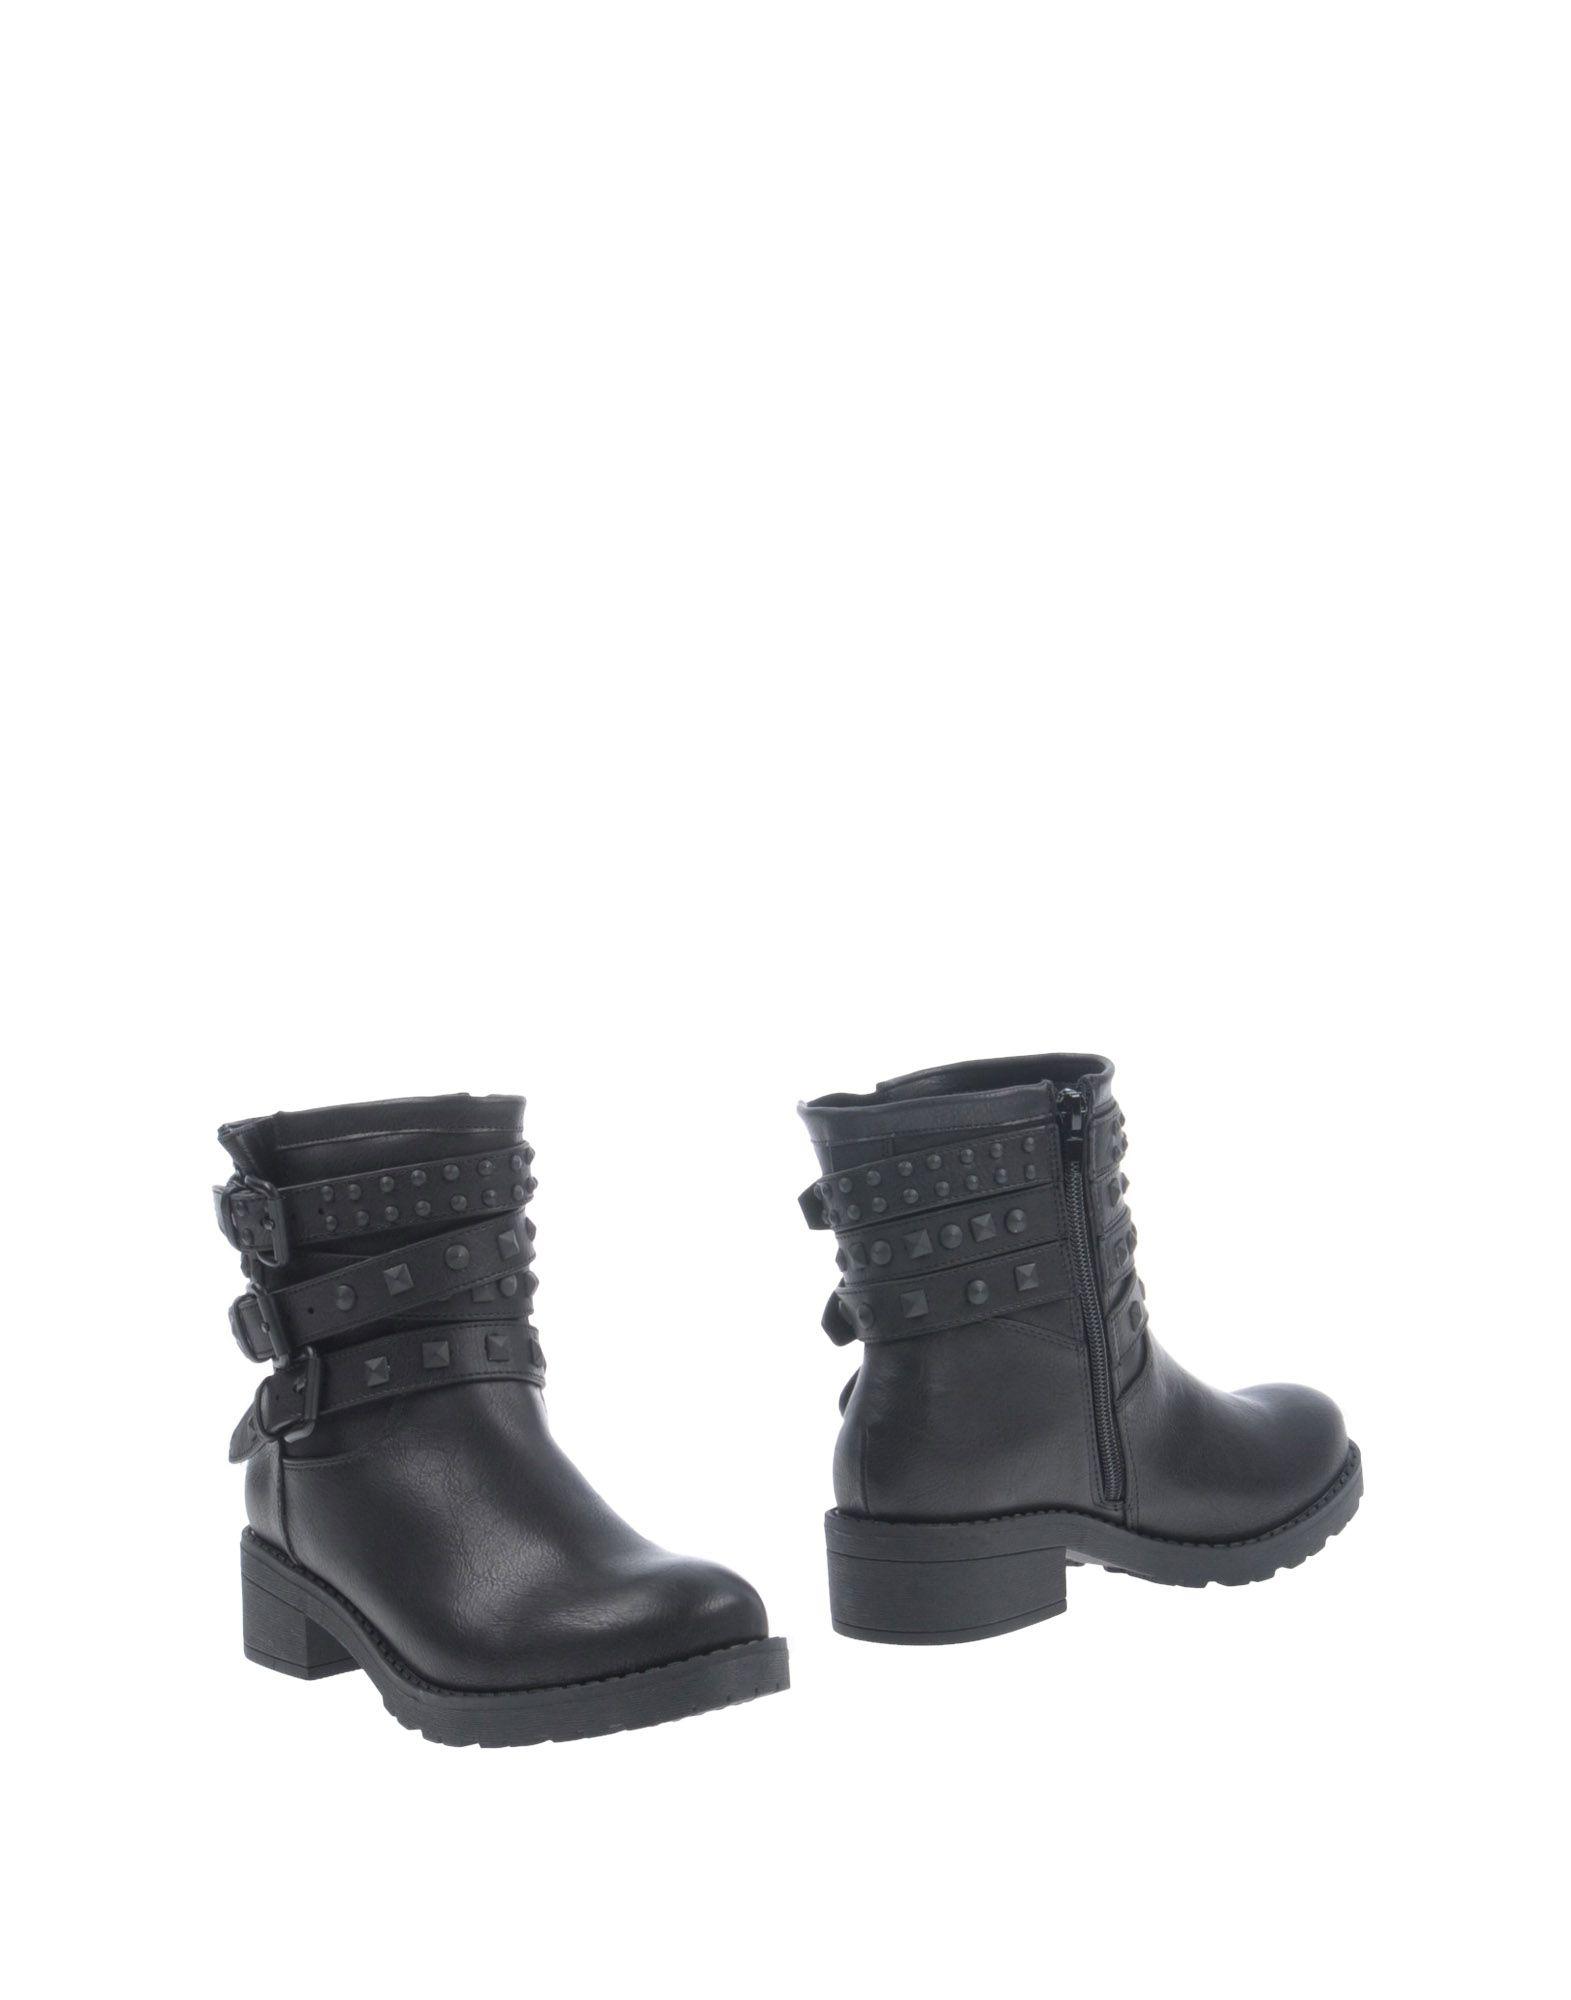 Bottine Francesco Milano Femme - Bottines Francesco Milano Noir Nouvelles chaussures pour hommes et femmes, remise limitée dans le temps